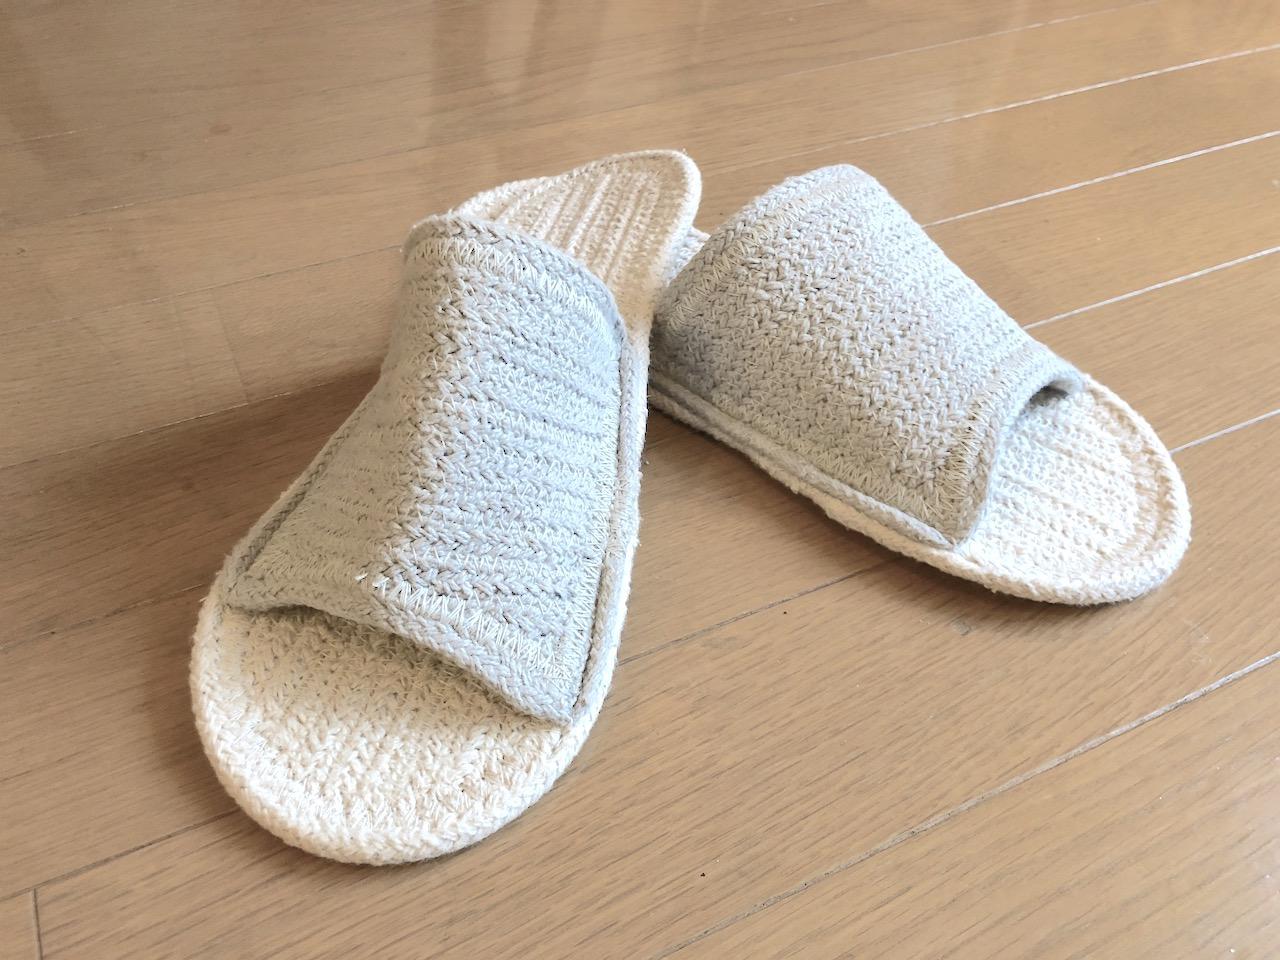 何度も洗える無印良品のルームサンダルは男のひとり暮らしの必需品|インド綿混ルームサンダル・前あき